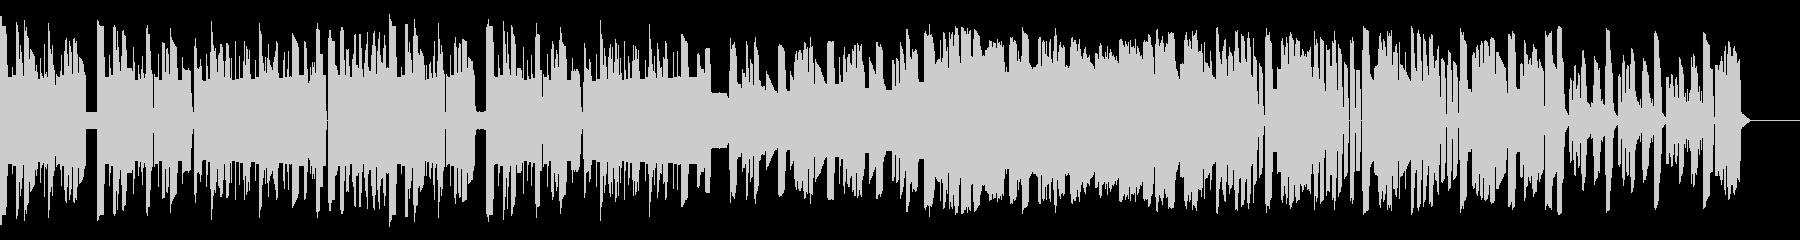 ファミコン音源による冒険感のある曲の未再生の波形